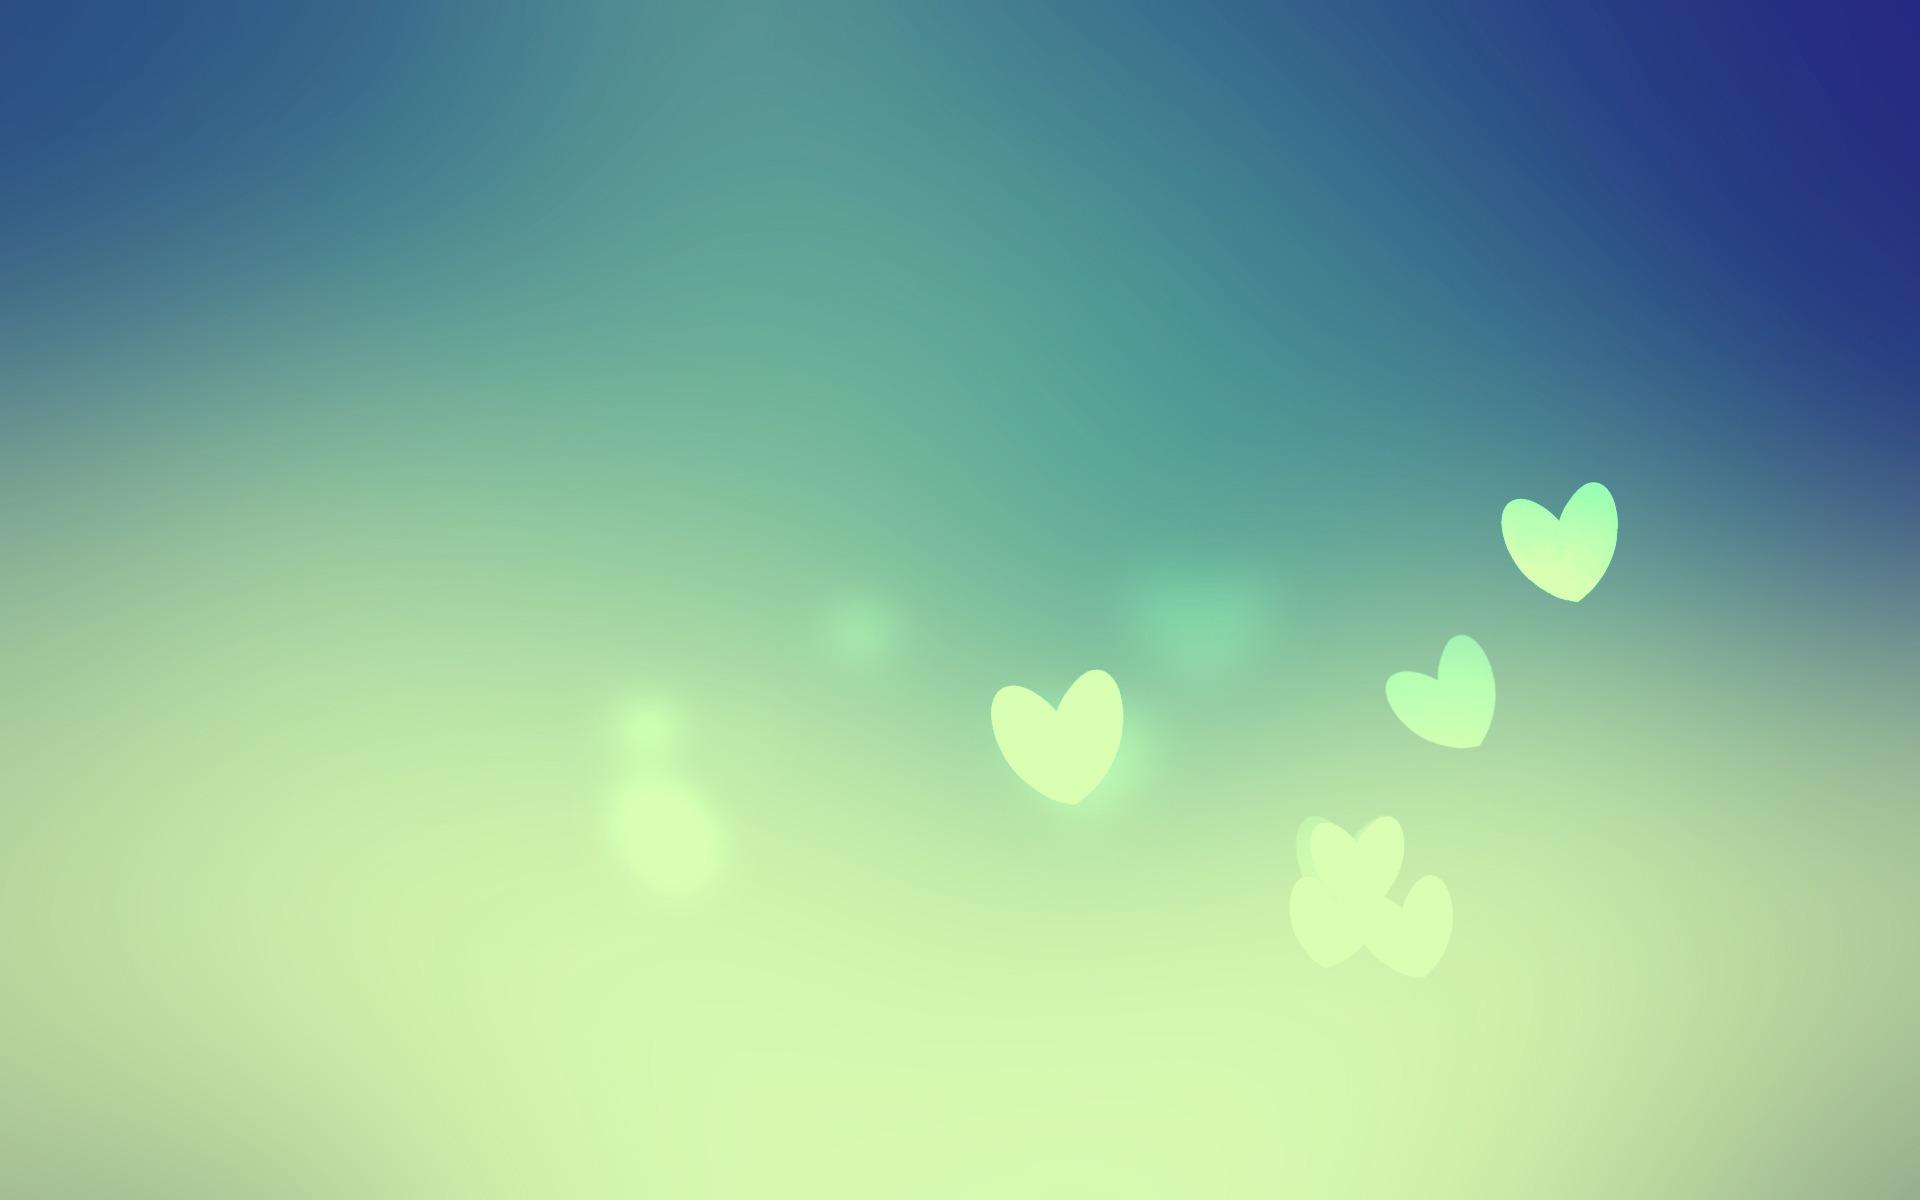 сердце фон  № 3011144 загрузить